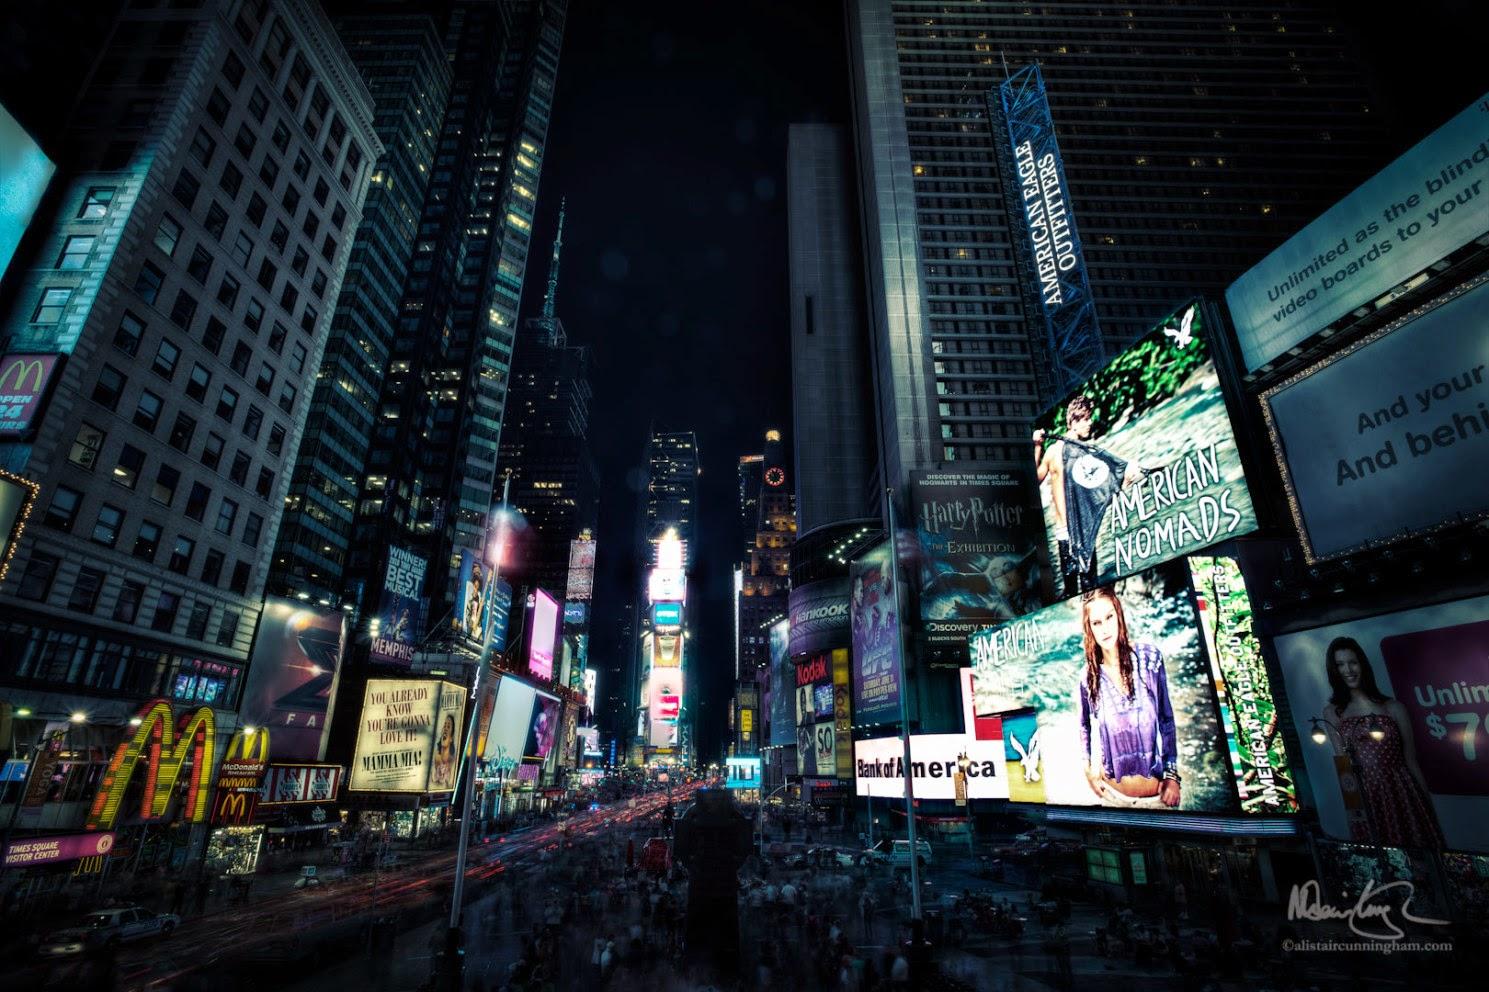 Alistair Cunningham, fotografía HDR, Times Square, Nueva York